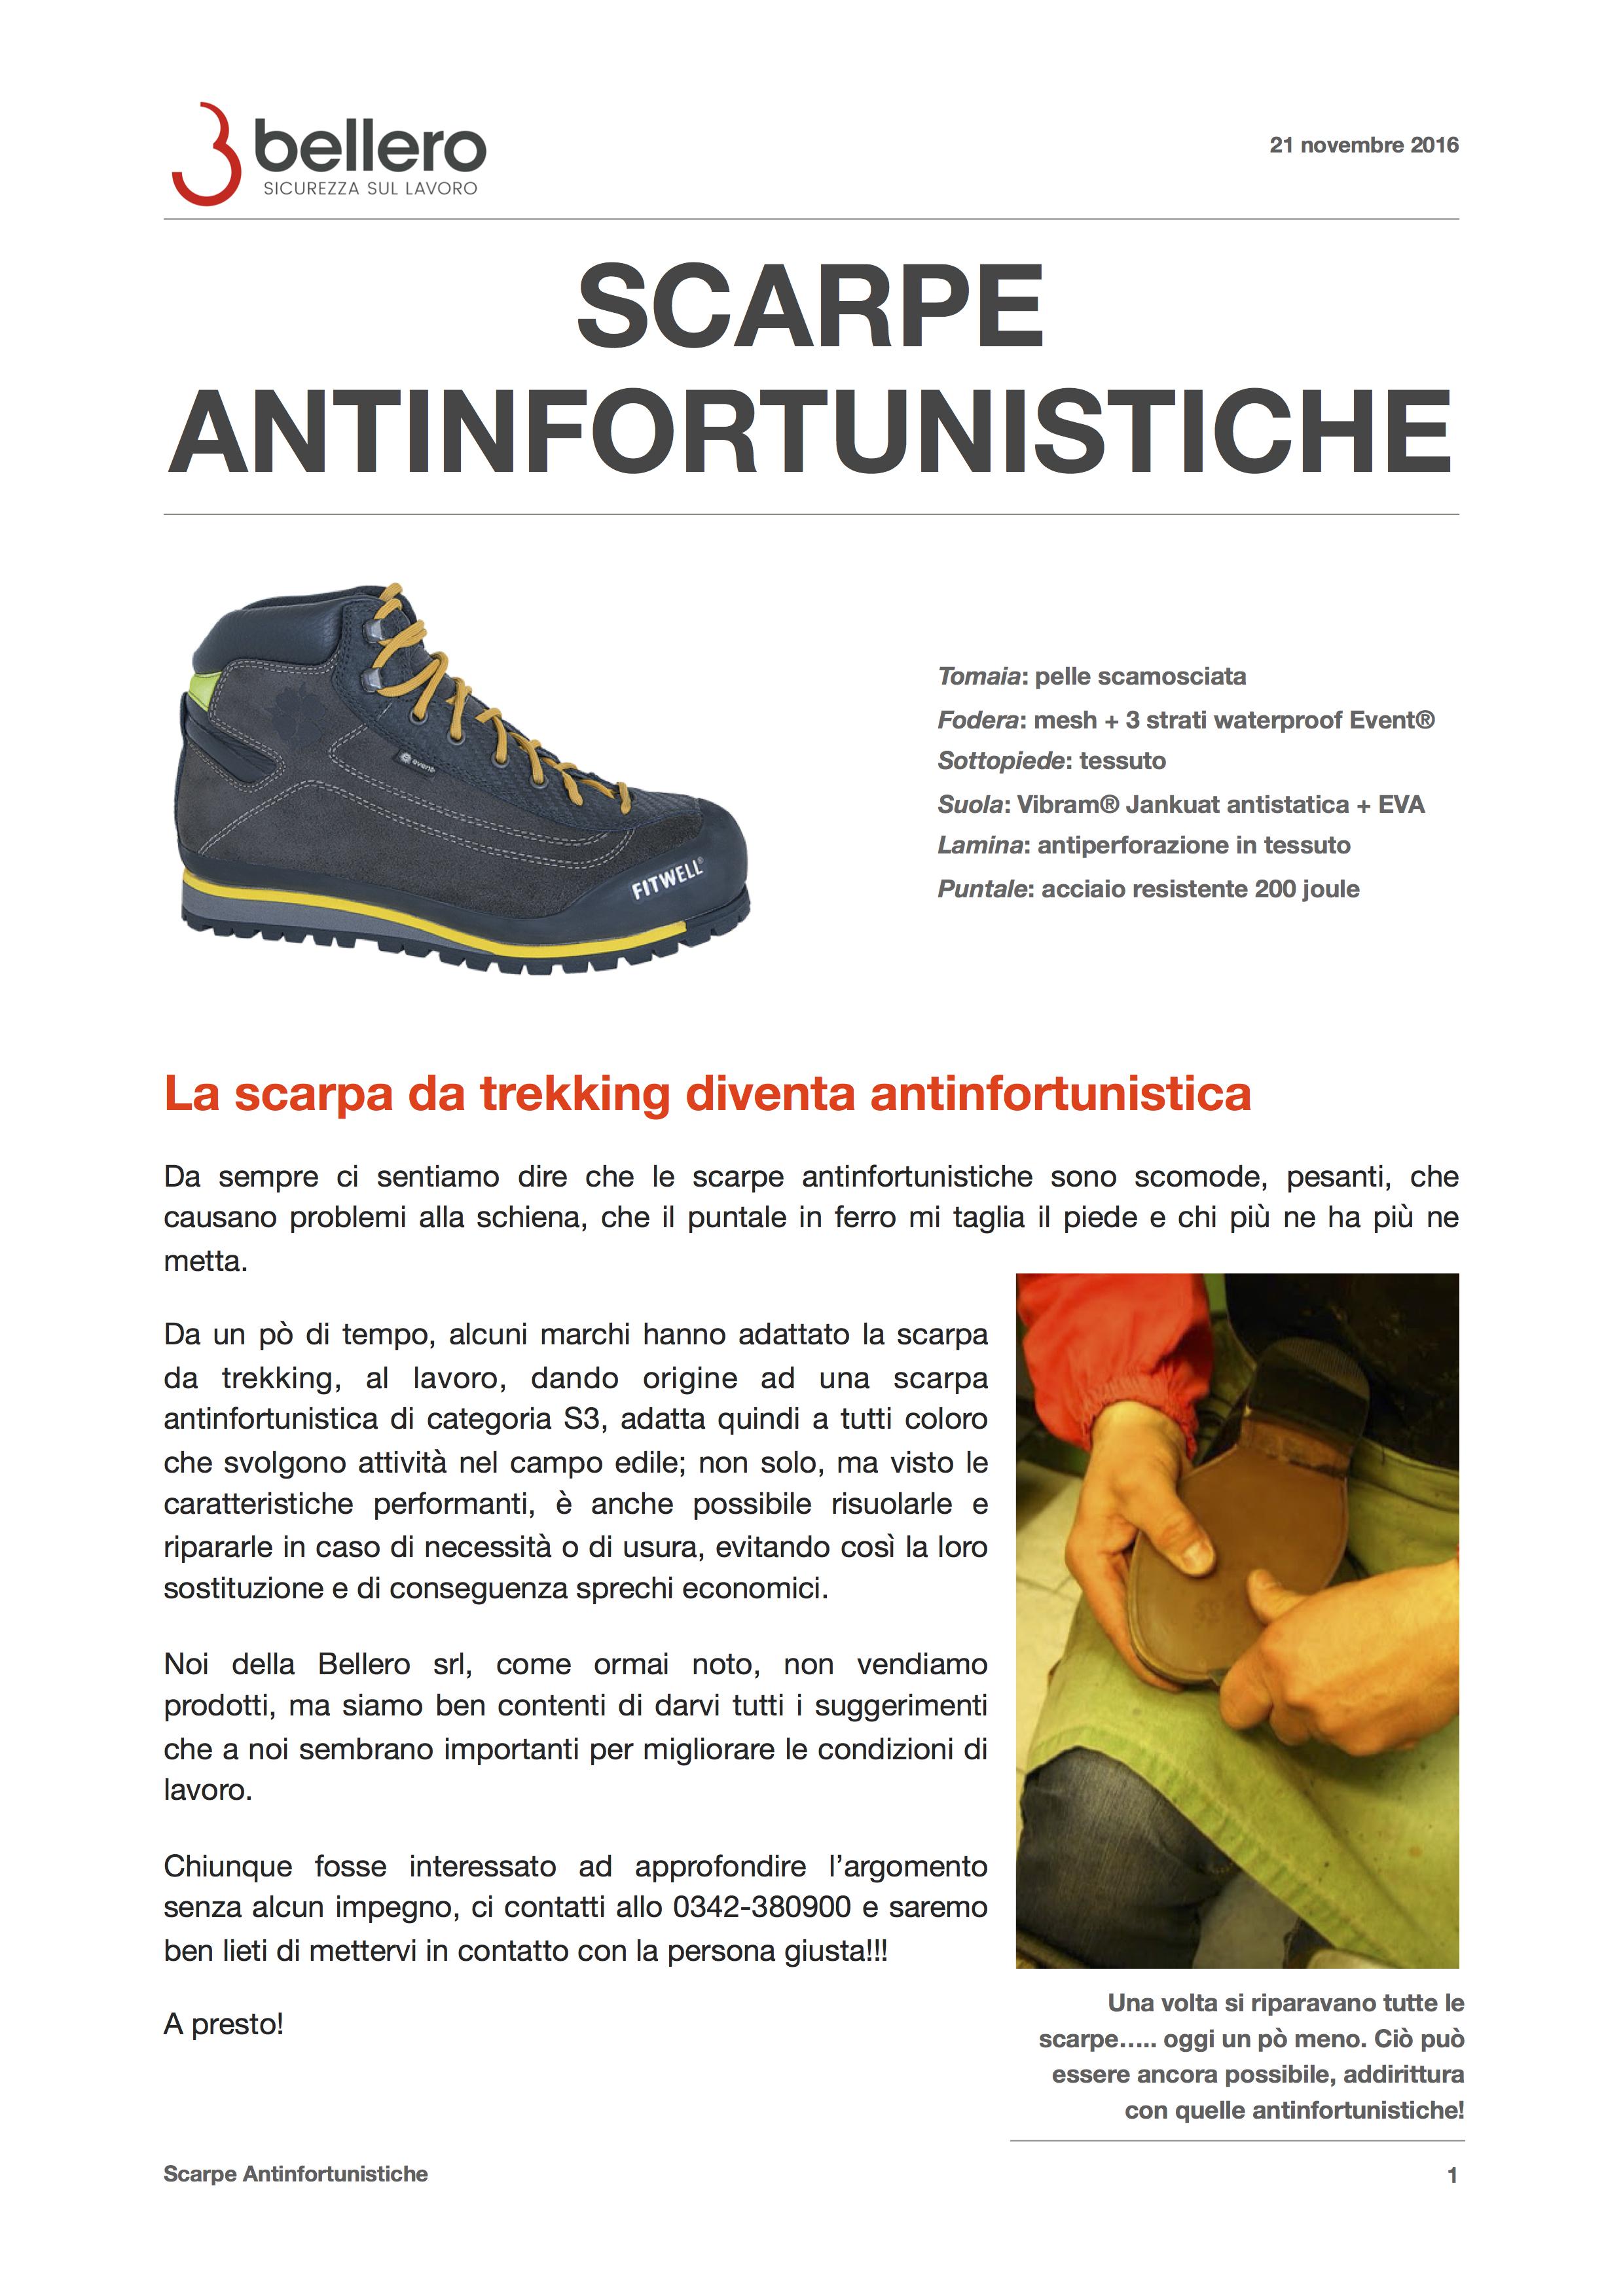 blog-16-11-21-INFORMATIVA-SCARPE-ANTINFORTUNISTICHE